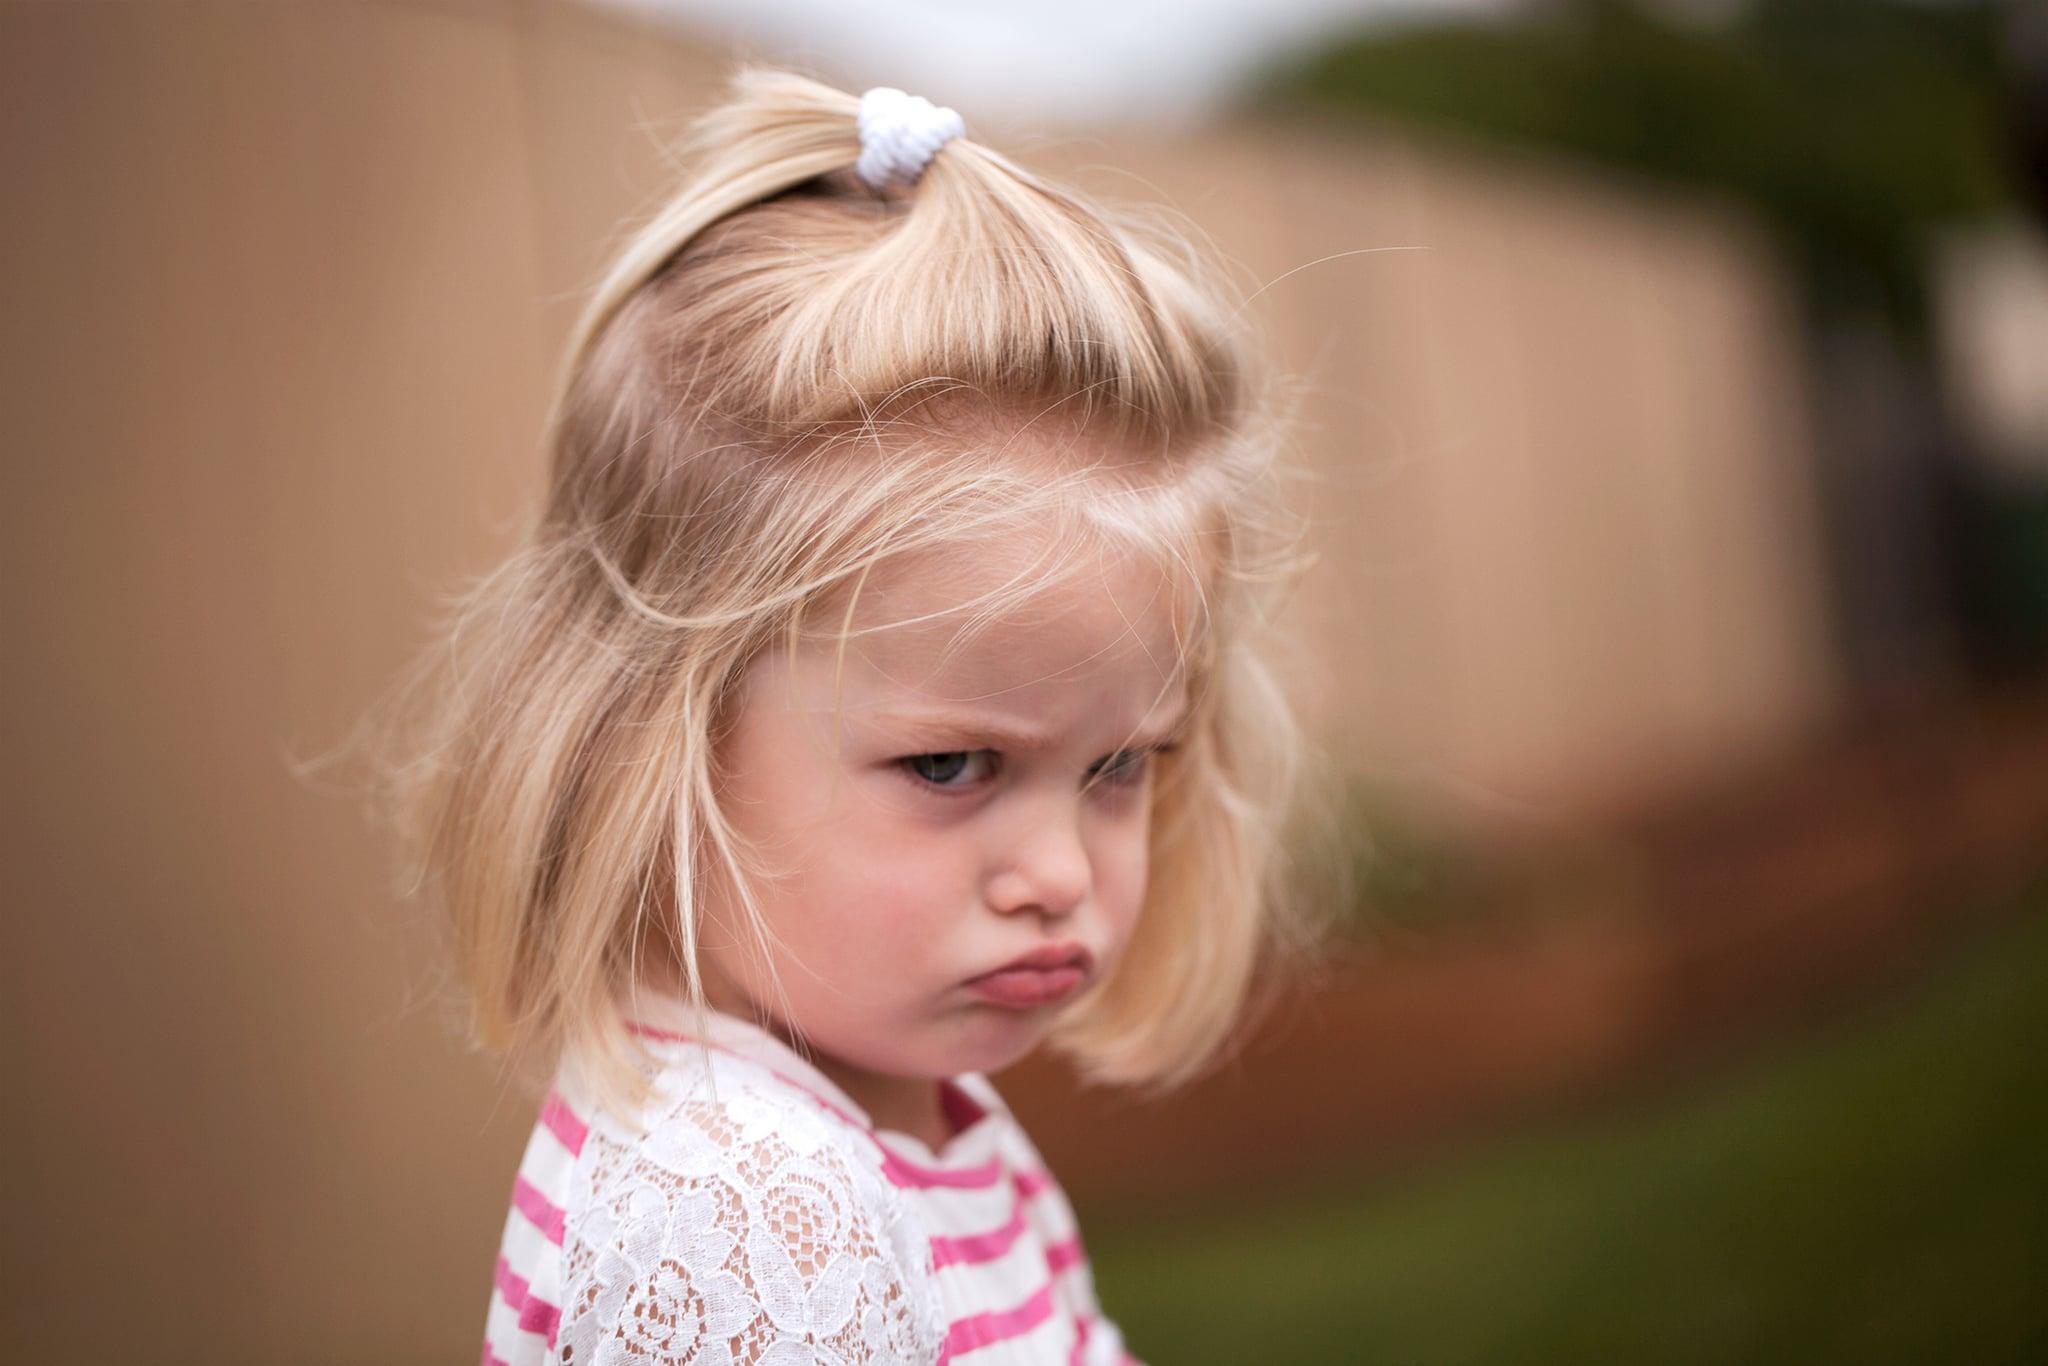 Kết quả hình ảnh cho angry kid